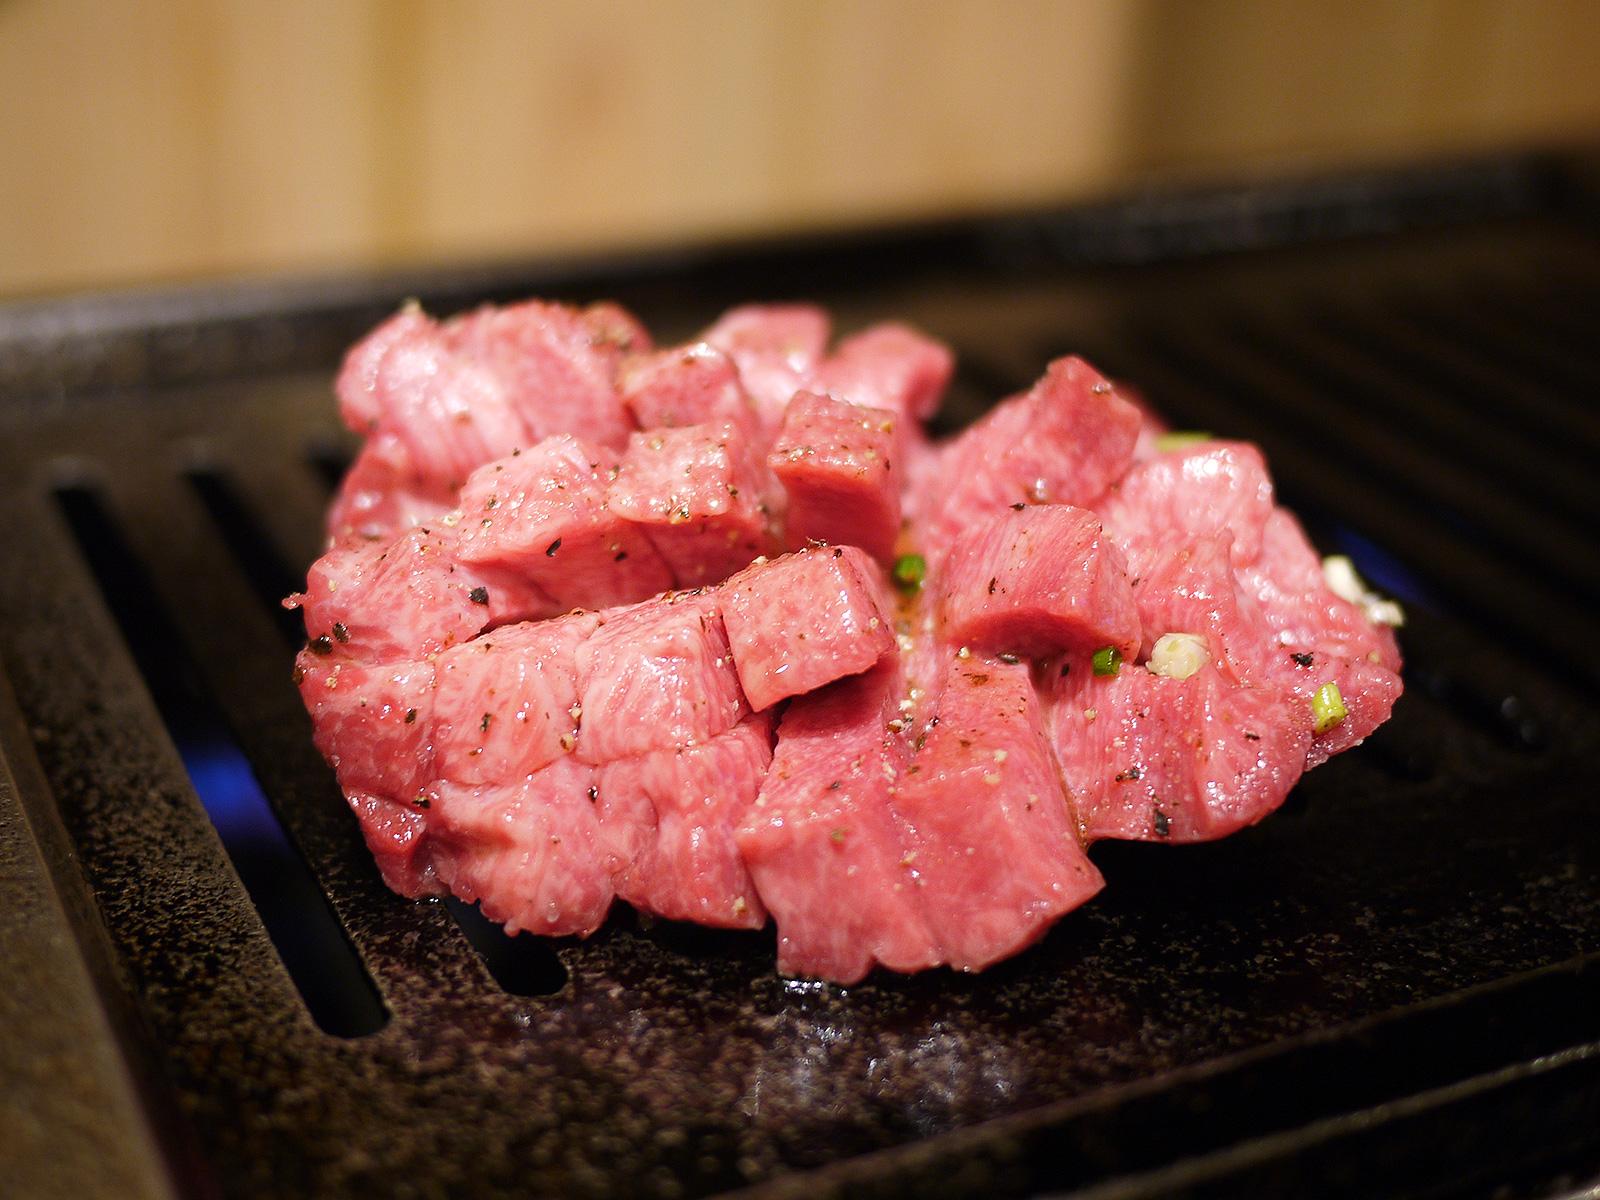 592【静岡】A5ランク鳥取和牛とタン元マンゴーステーキを味わえる「うしなり」